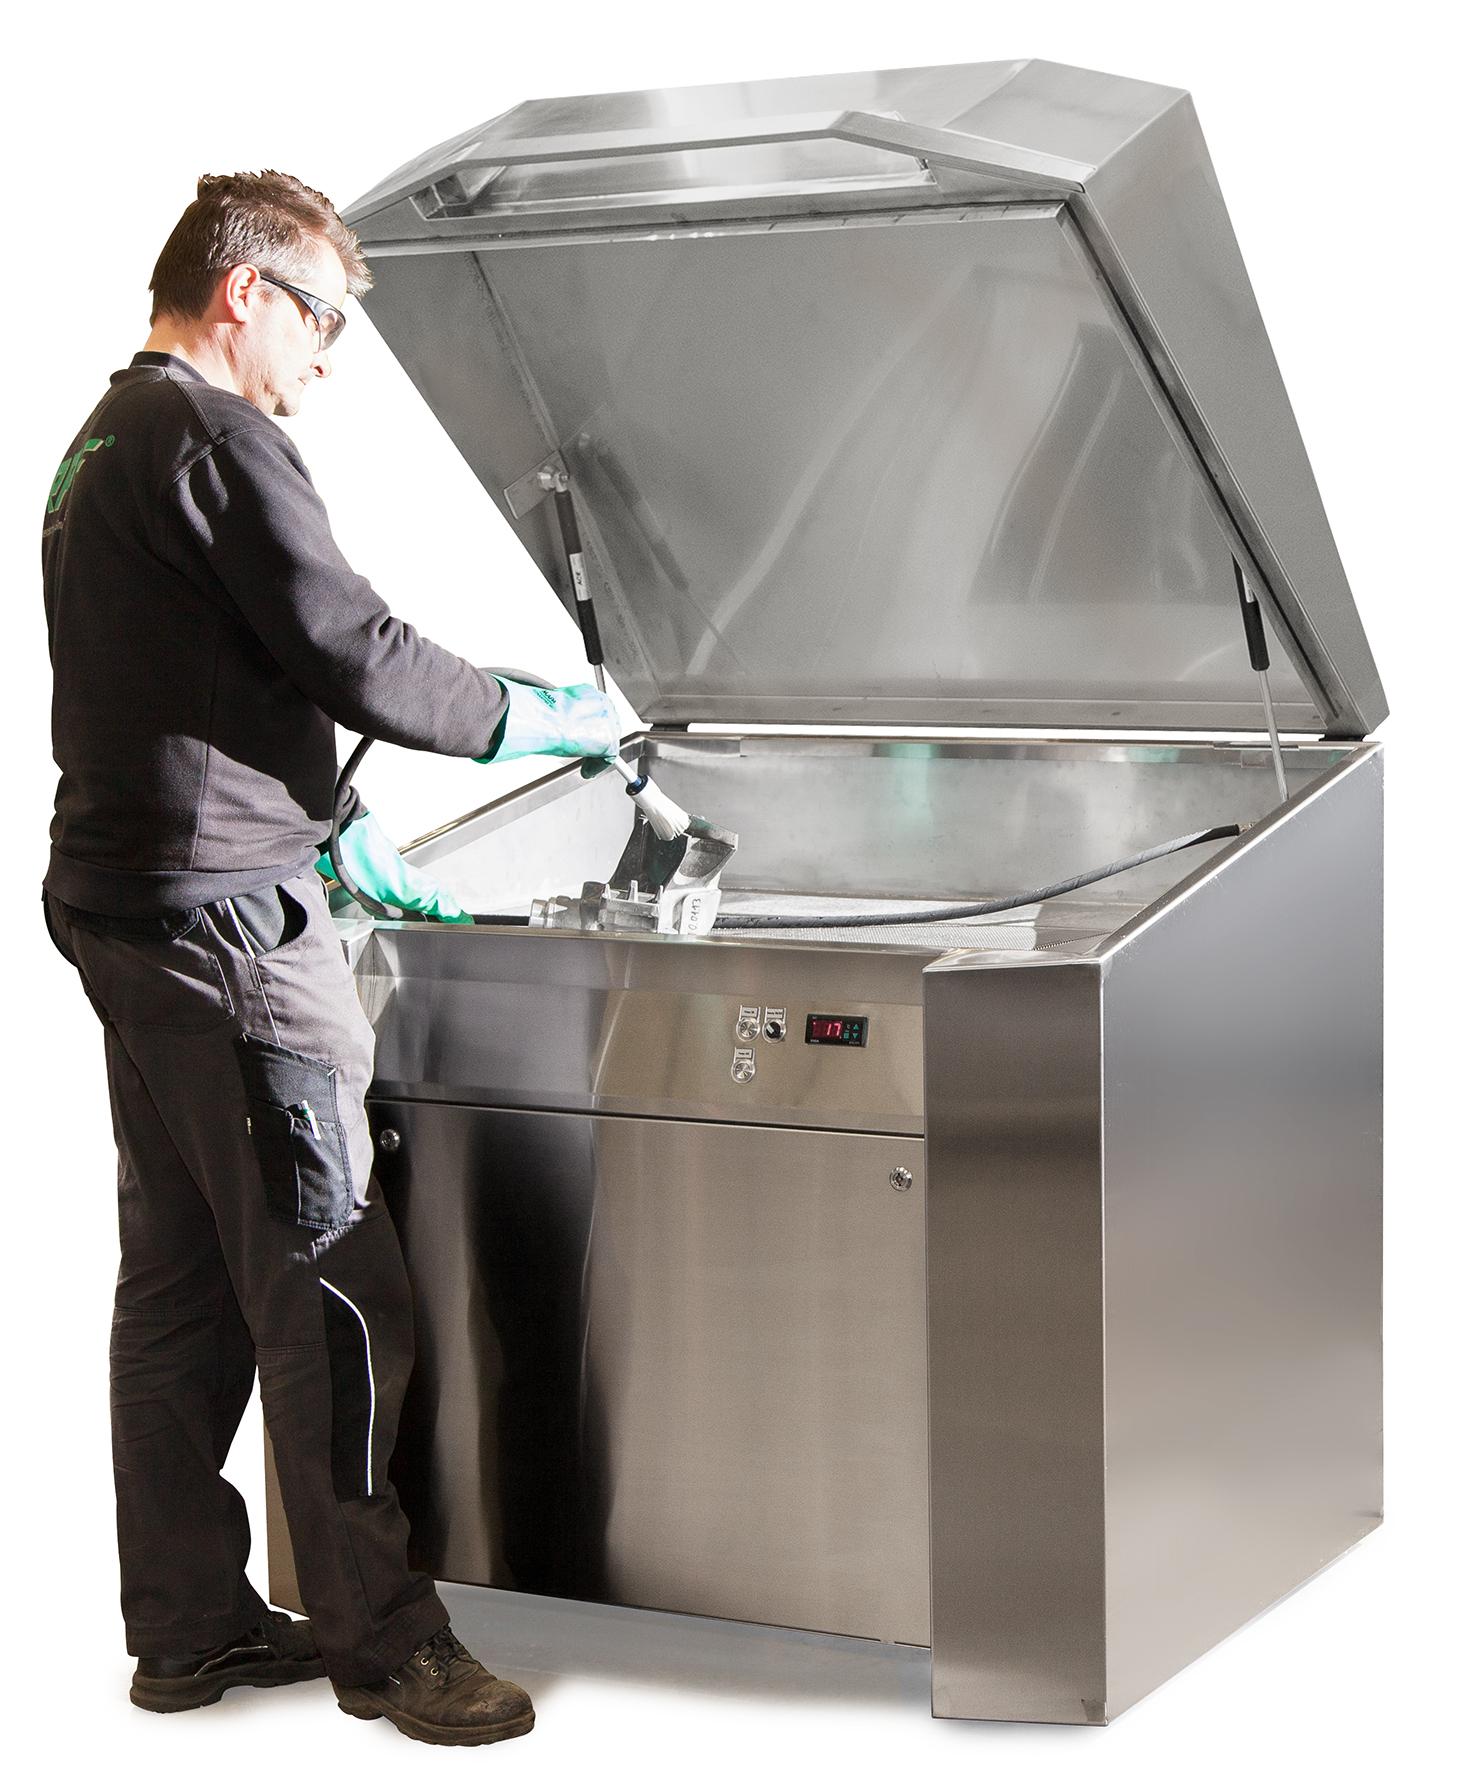 I Nuovi Sistemi Modulari Di Mdf Italia : I nuovi sistemi di pulizia lavapezzi versatili e modulari